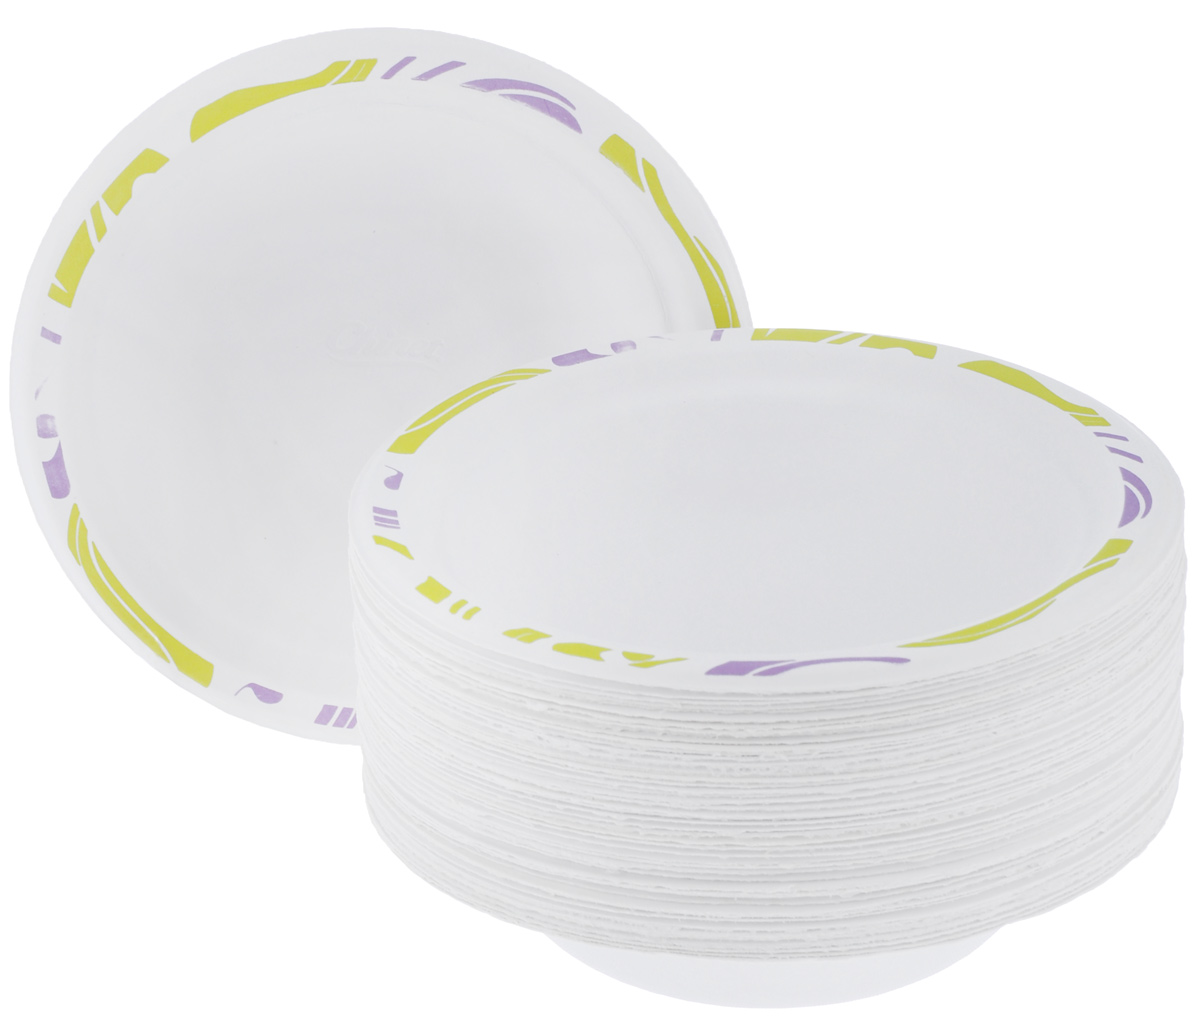 Набор одноразовых тарелок Chinet Flavour, цвет: белый, светло-зеленый, диаметр 18 см, 50 штПОС26397Набор Chinet Flavour состоит из 50 круглых тарелок, выполненных из плотной бумаги и предназначенных для одноразового использования. Изделия декорированы оригинальным узором. Одноразовые тарелки будут незаменимы при поездках на природу, пикниках и других мероприятиях. Они не займут много места, легки и самое главное - после использования их не надо мыть.Диаметр тарелки: 18 см.Высота тарелки: 1,5 см.